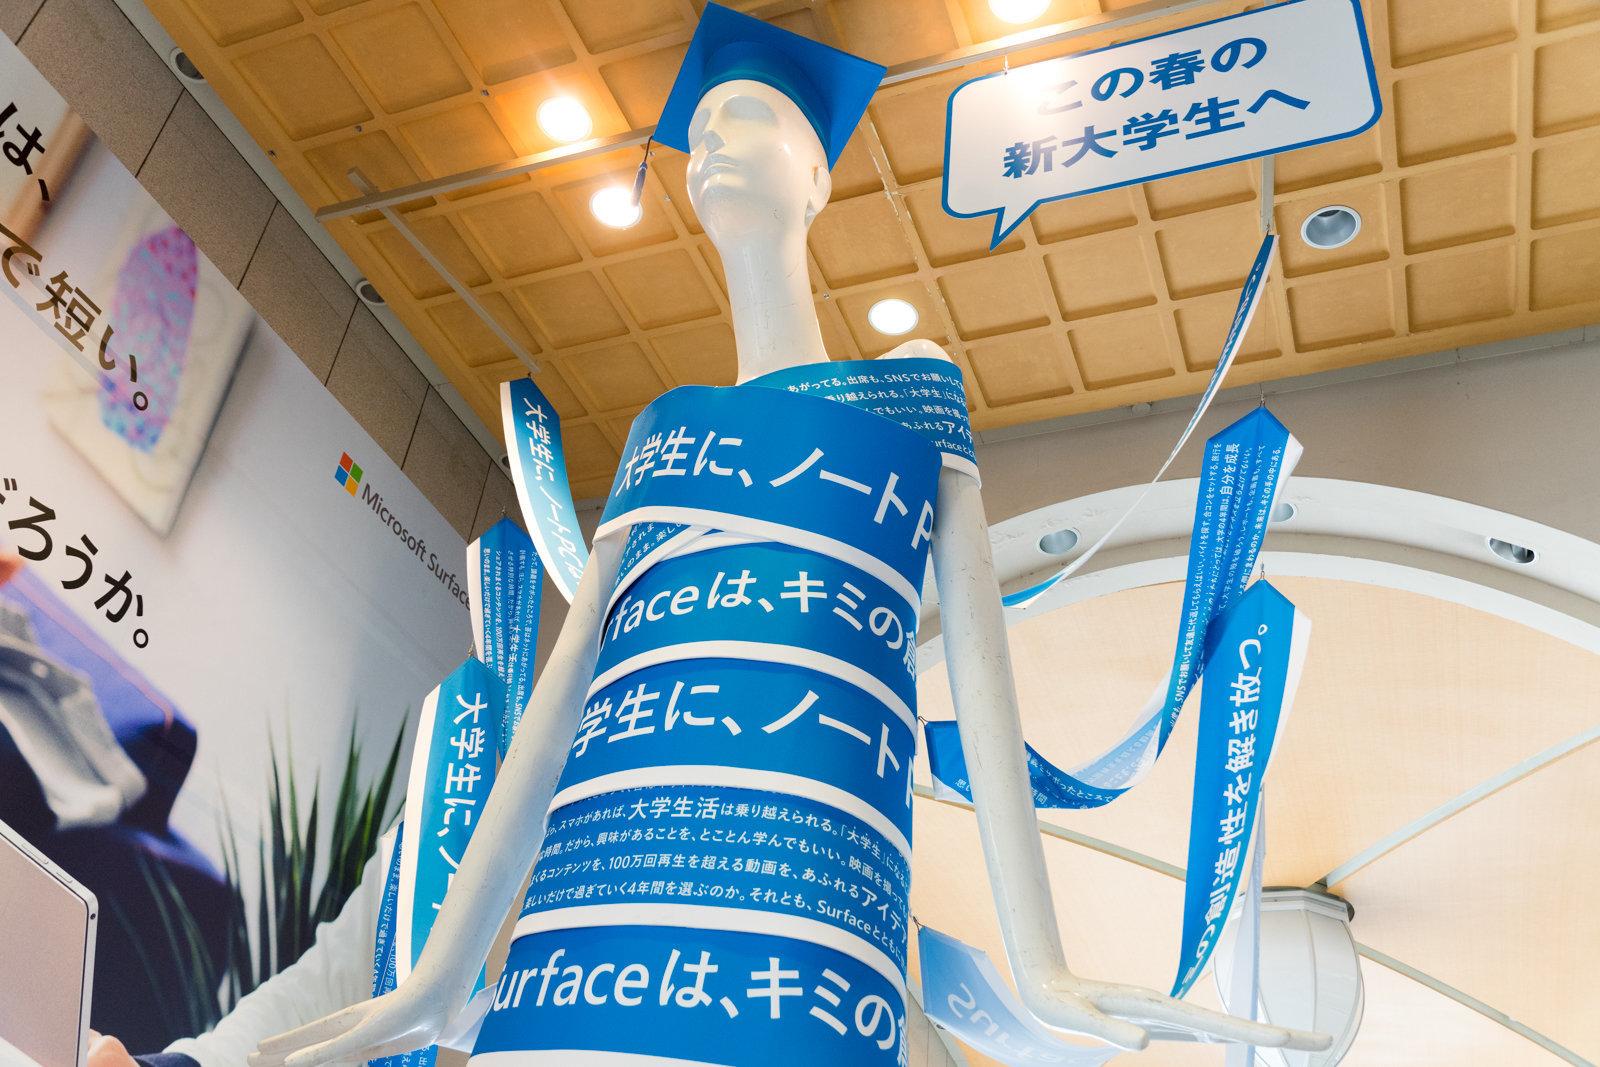 「ノートPC、本当にいらない?」名古屋のナナちゃん人形が、日本の大学生に問いかけ